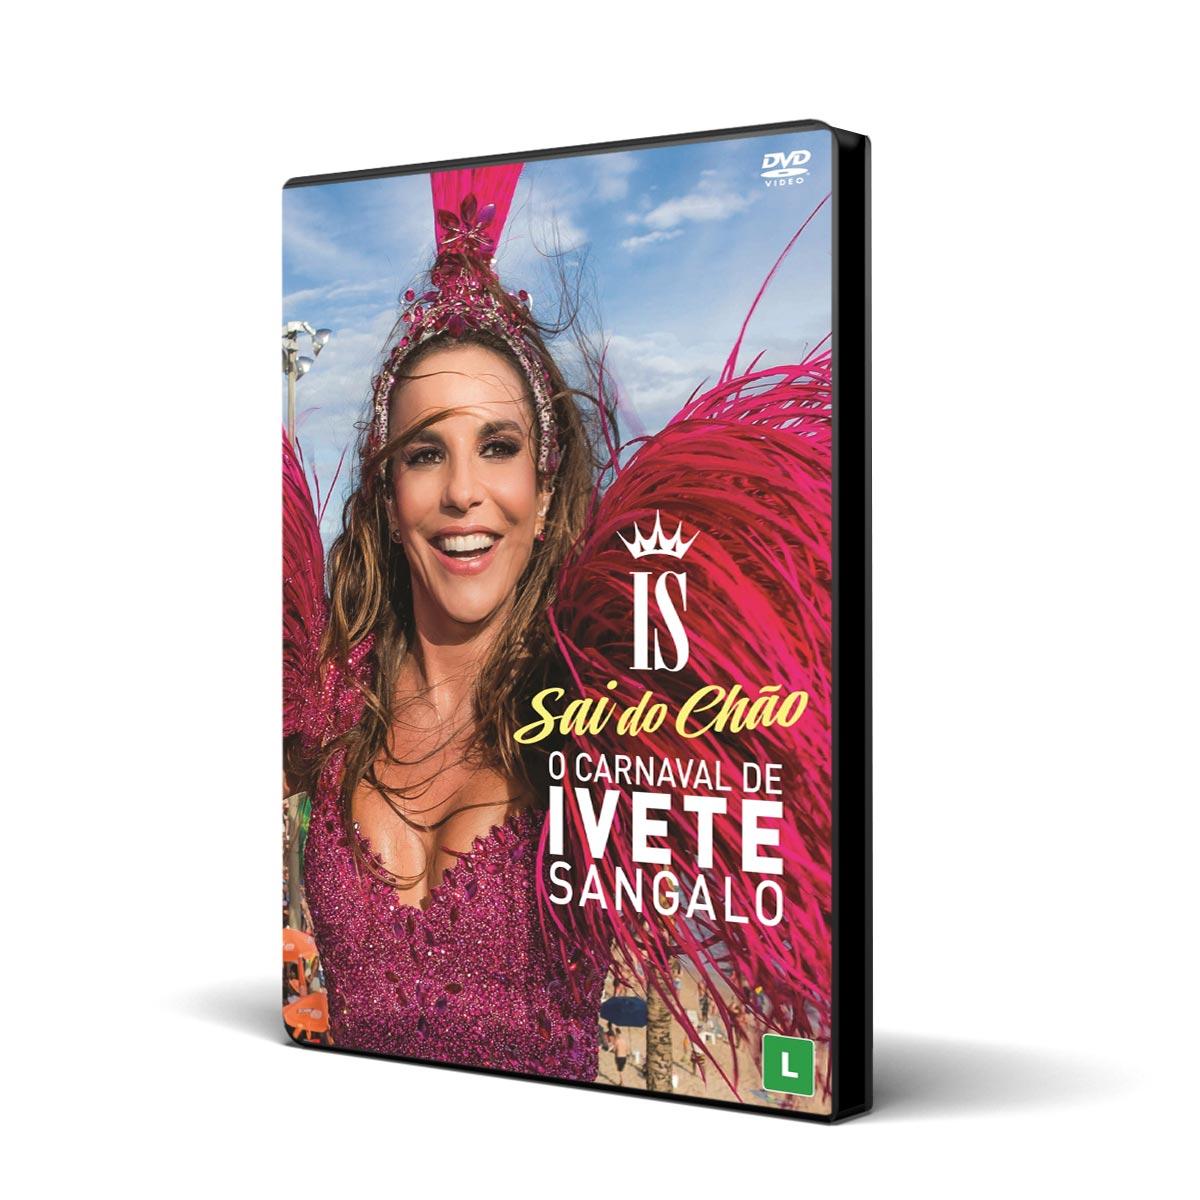 DVD O Carnaval de Ivete Sangalo - Sai do Ch�o